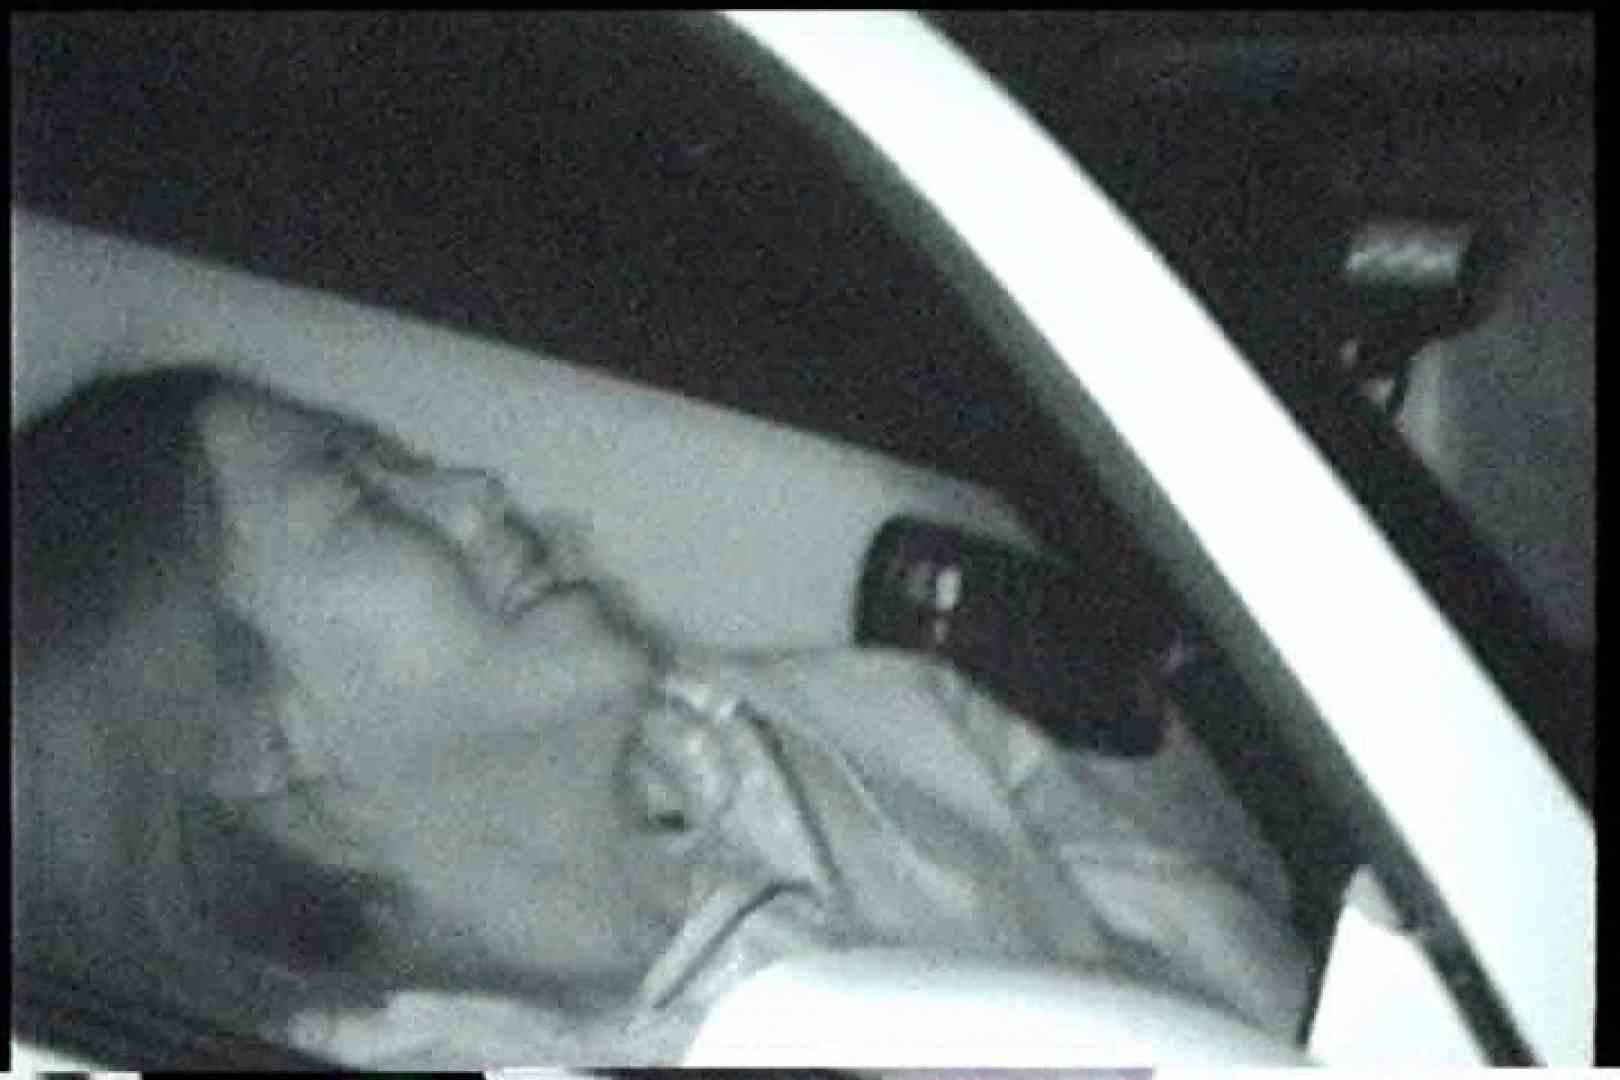 充血監督の深夜の運動会Vol.225 エロティックなOL エロ画像 59画像 6